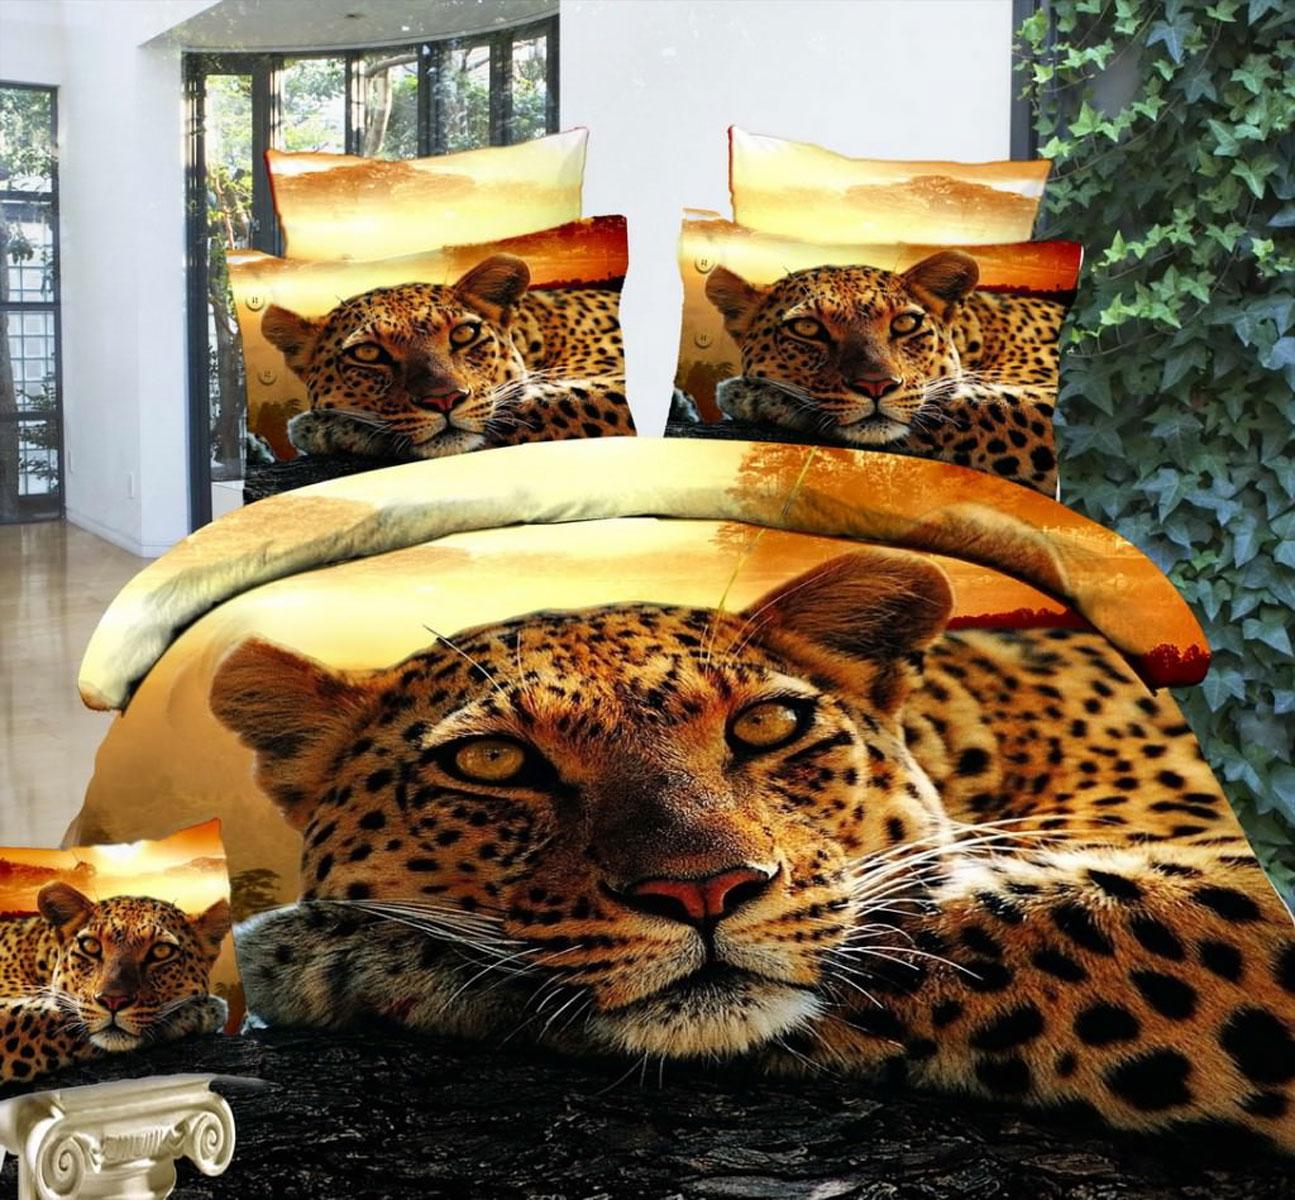 Комплект белья 3D Mango Гепард, 1,5-спальный, наволочки 70х70M-694-143-150-70Комплект постельного белья 3D Mango Гепард, изготовленный из сатина (100% хлопка), являющегося экологически чистым продуктом, поможет вам расслабиться и подарит спокойный сон. Комплект состоит из пододеяльника, простыни и двух наволочек. Предметы комплекта оформлены изображением гепарда. Постельное белье имеет и привлекающий внешний вид и обладает яркими, сочными цветами. Благодаря такому комплекту постельного белья вы сможете создать атмосферу уюта и комфорта в вашей спальне.